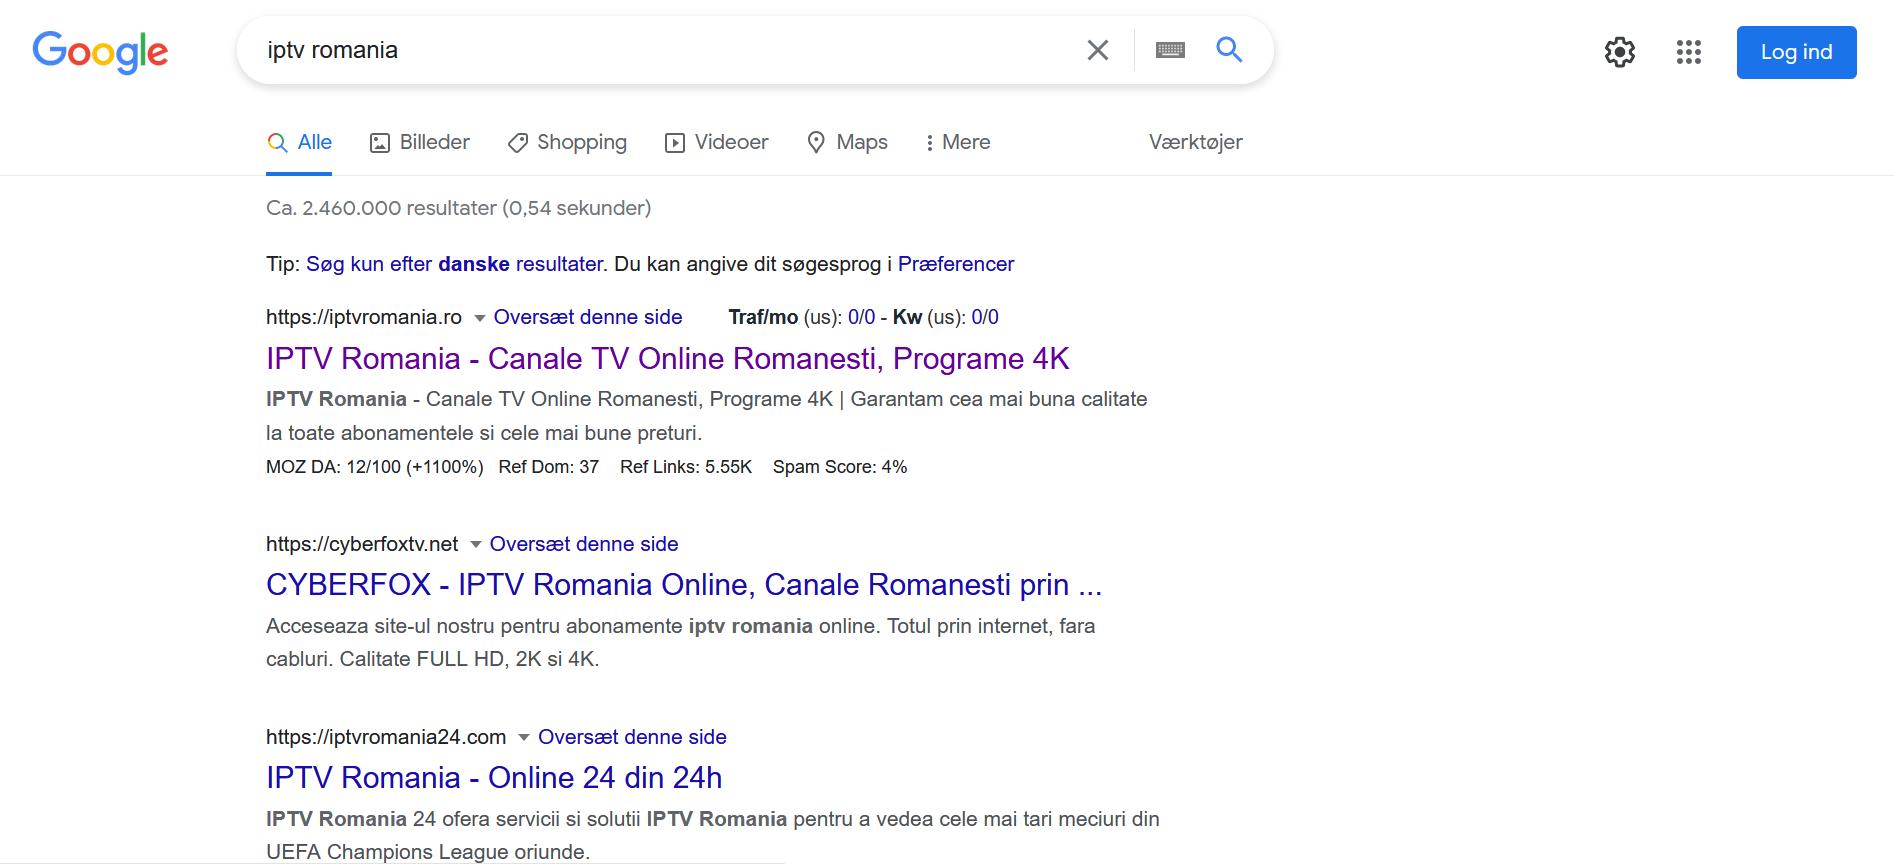 locul 1 in google reseller iptv romania